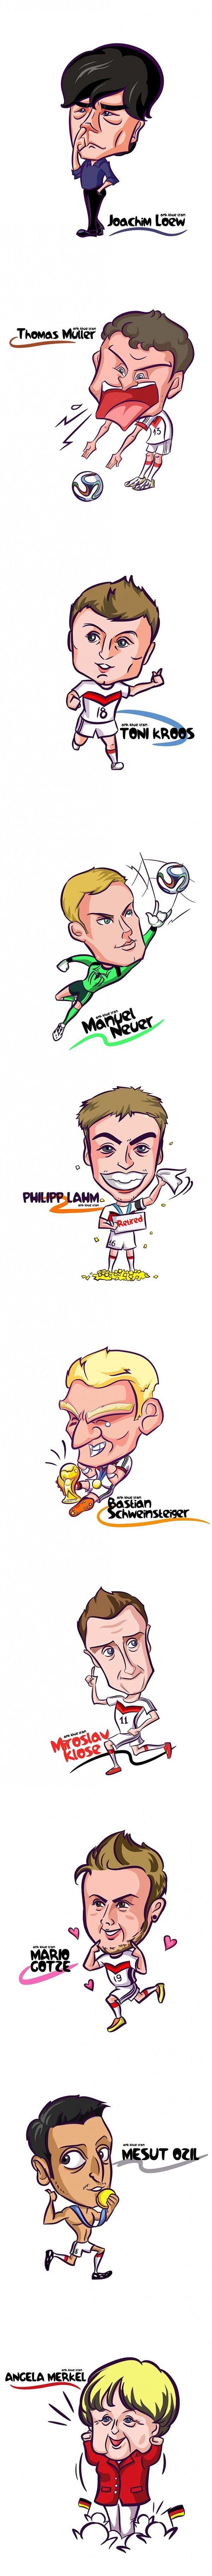 La selección alemana en caricatura, el triunfo en el mundial Brasil 2014